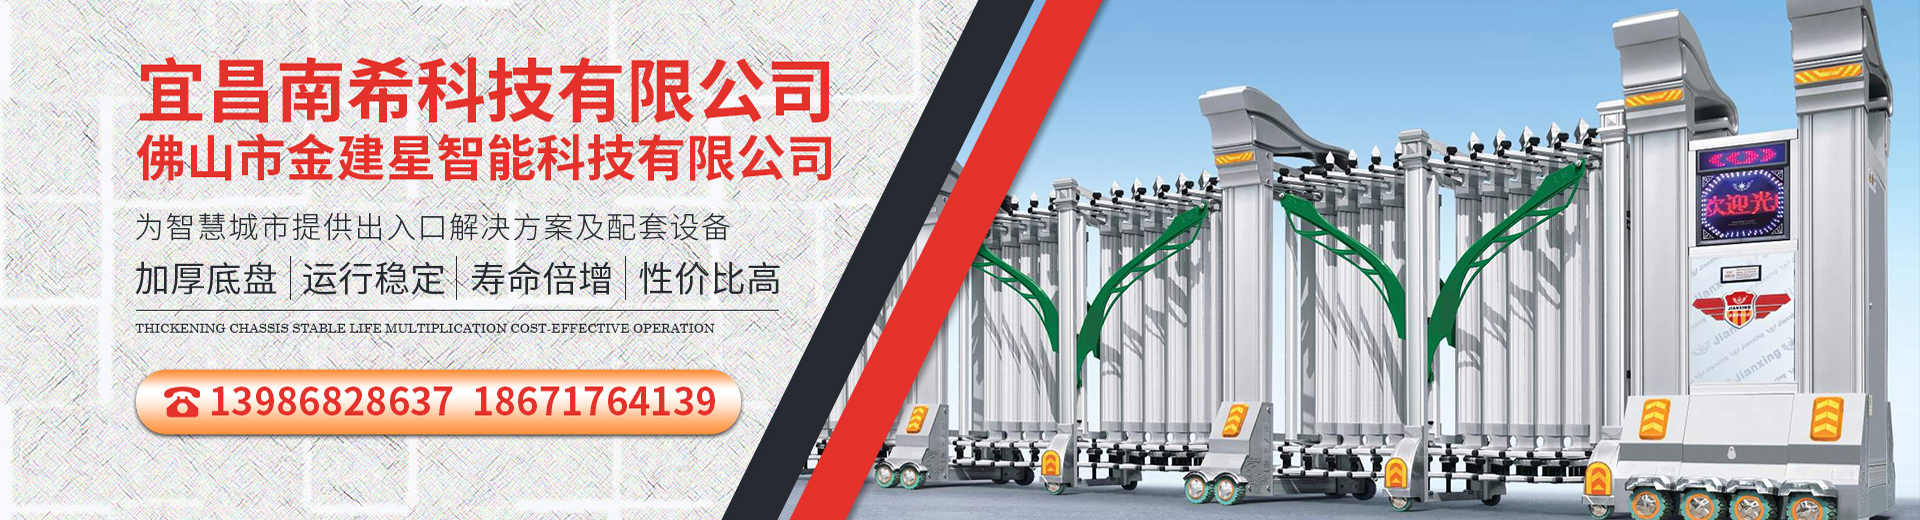 宜昌停车场管理系统